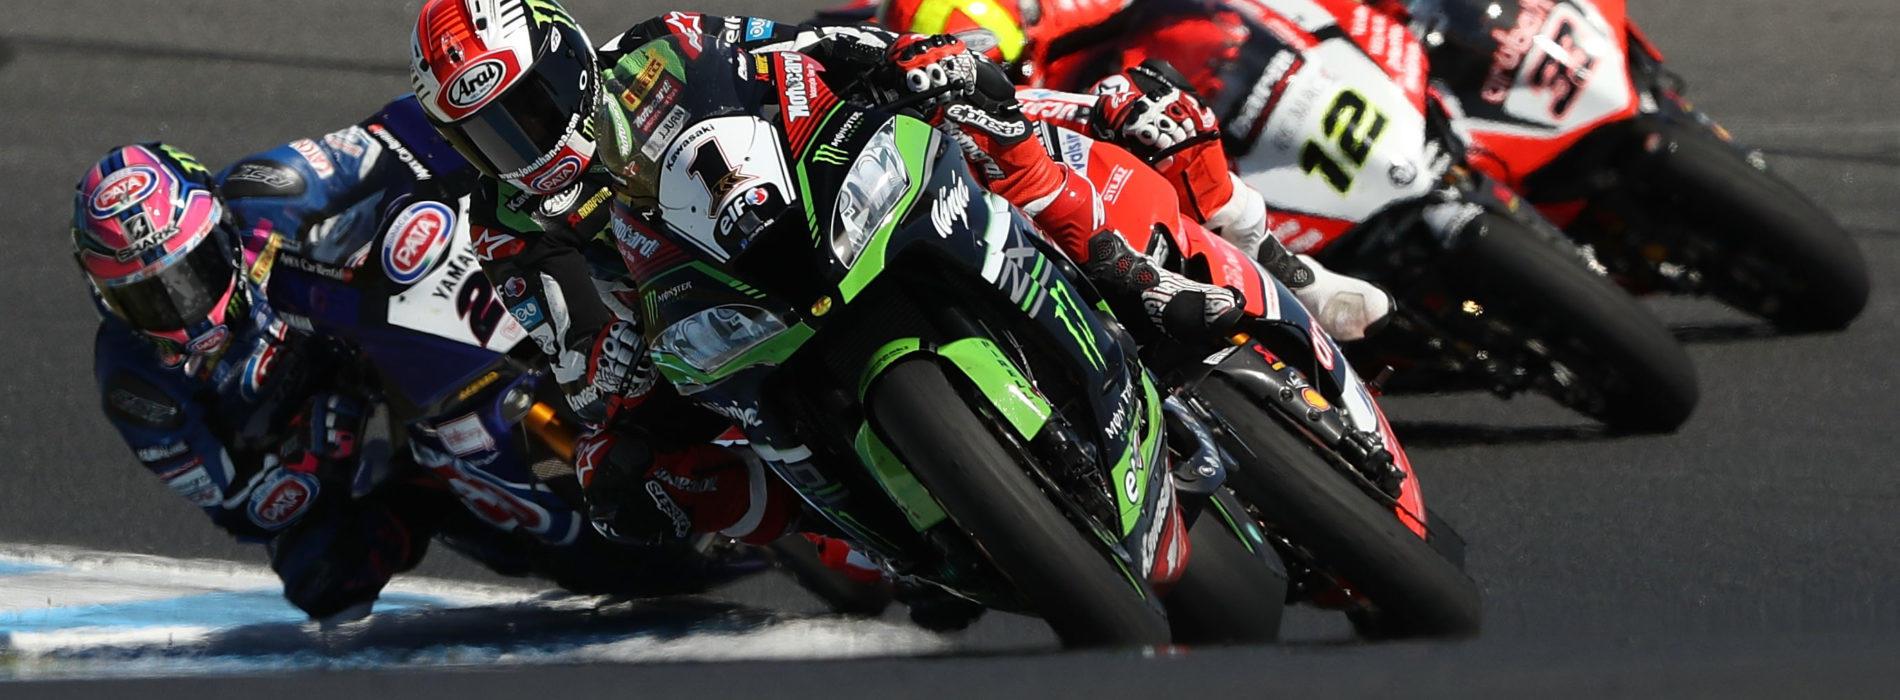 Campeonato do Mundo de Superbike este fim de semana com transmissão Eurosport